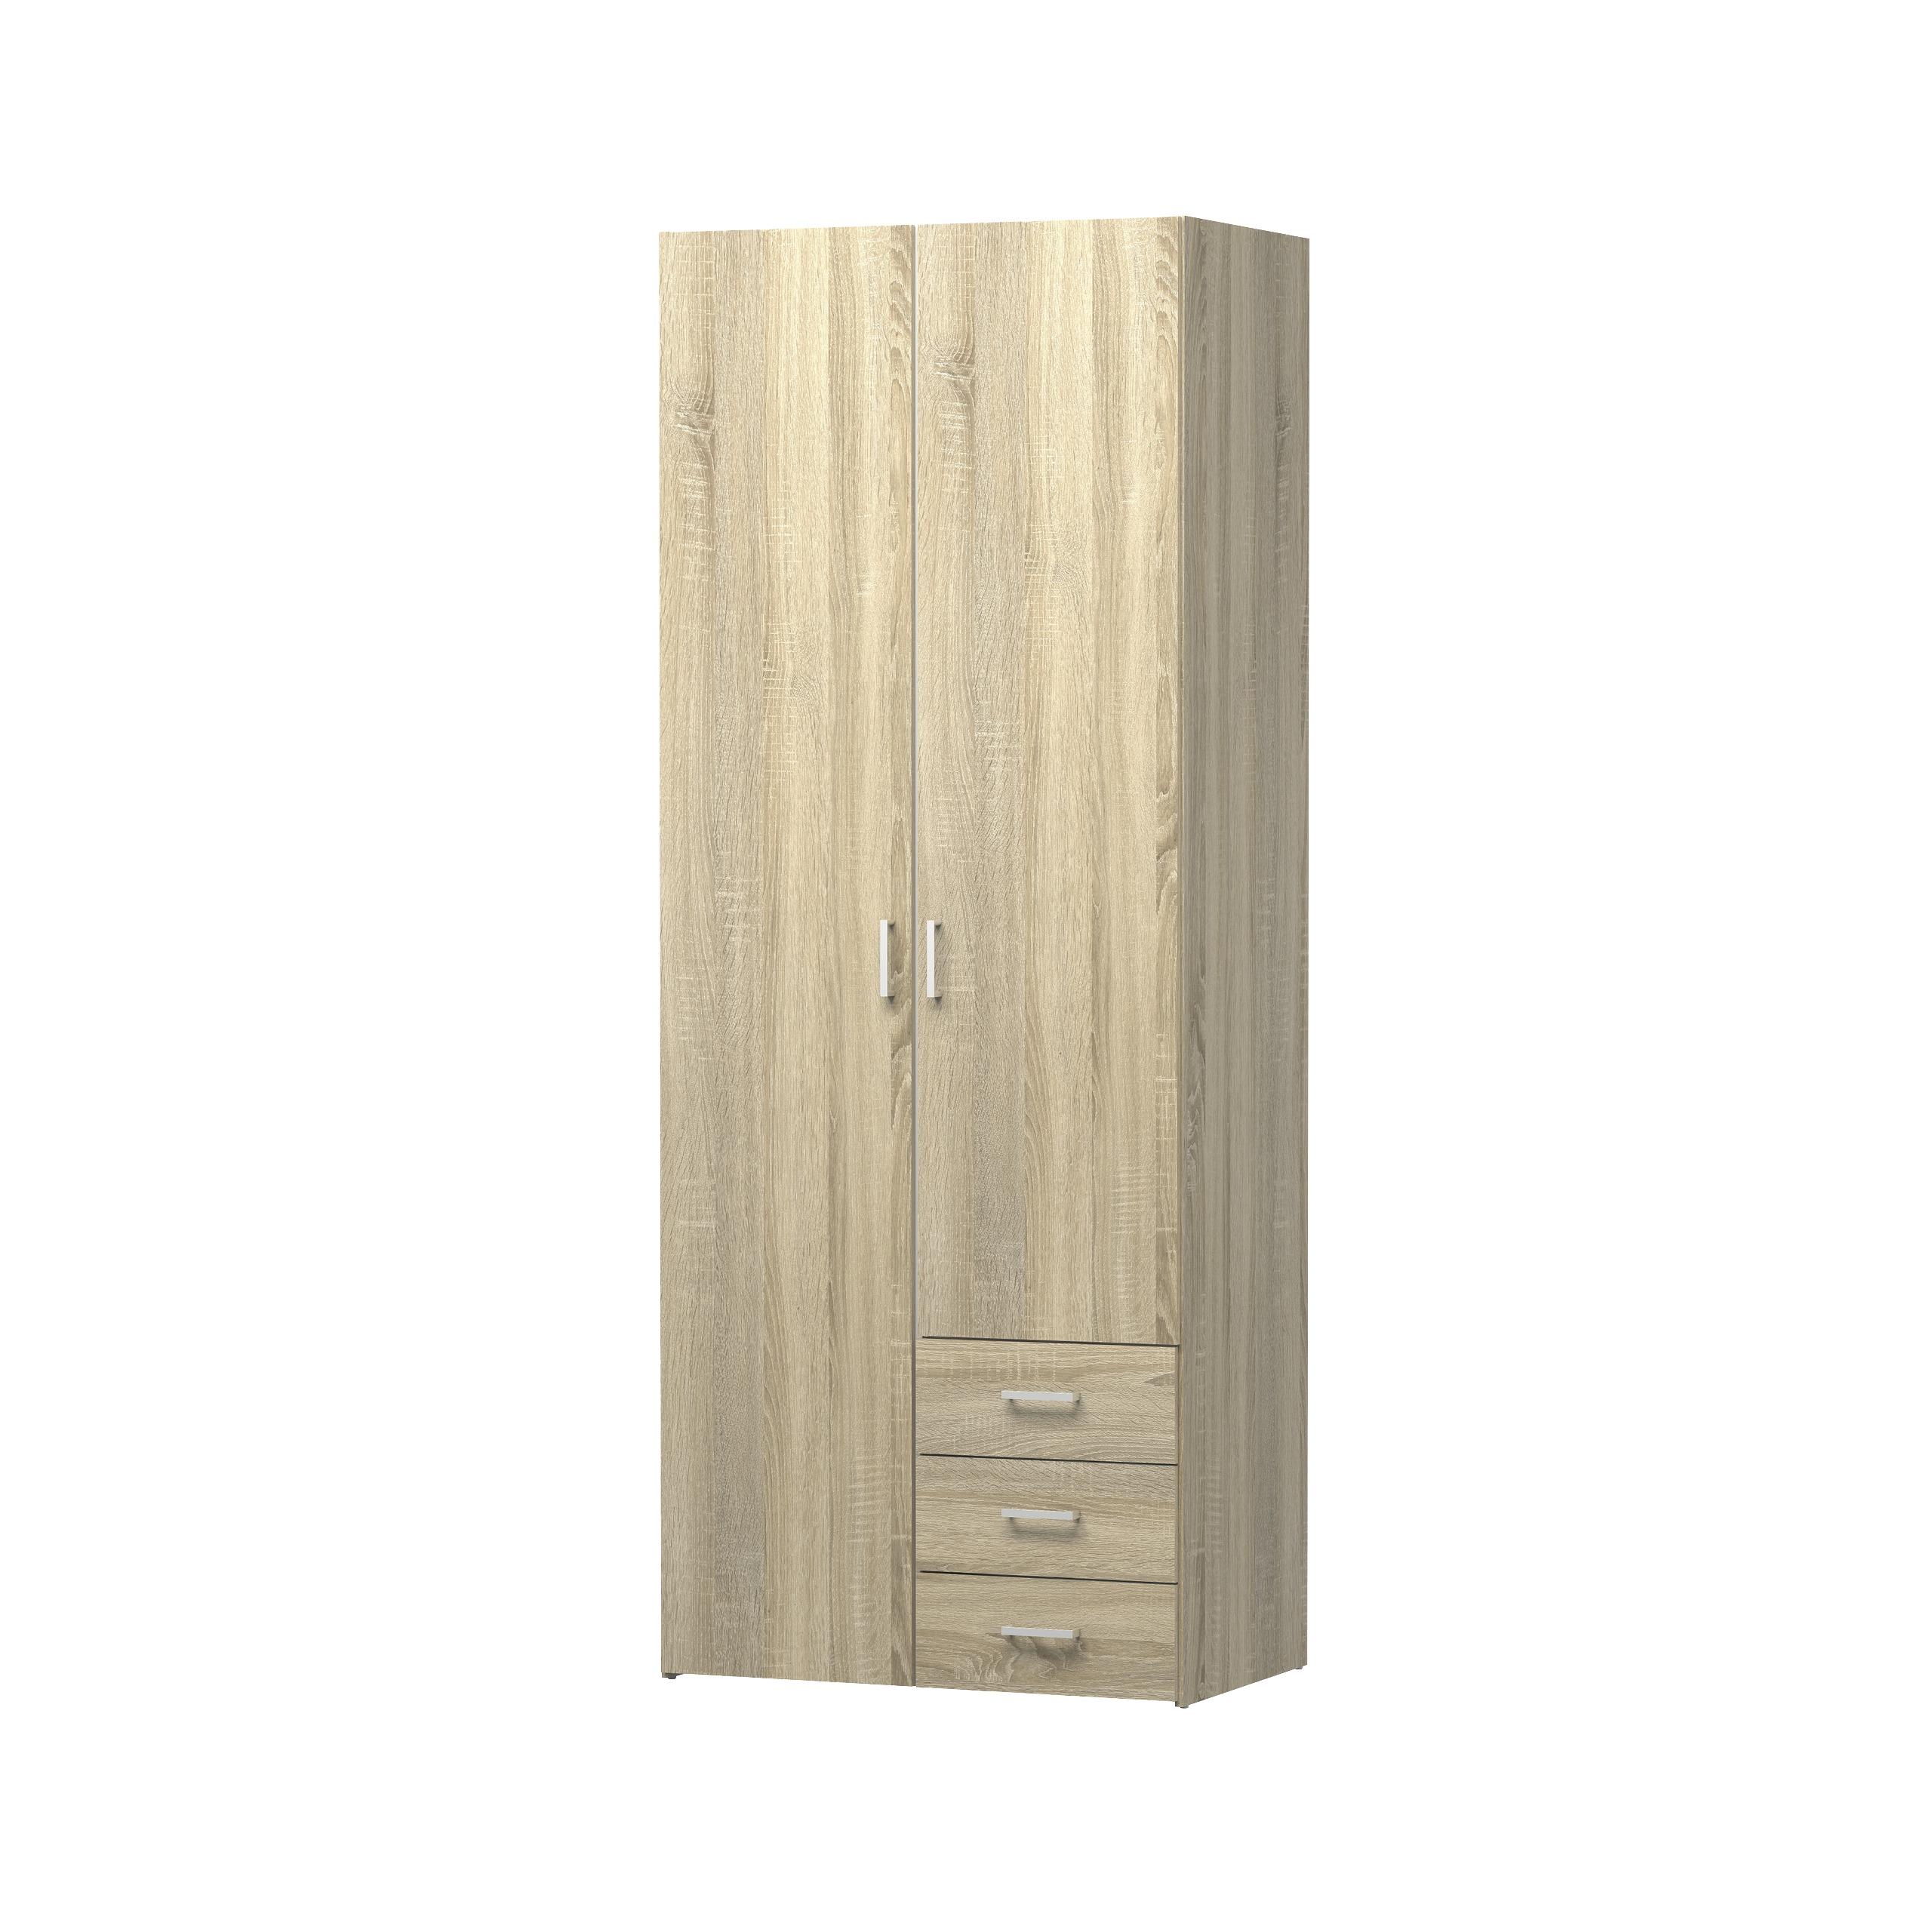 2-deurs kledingkast